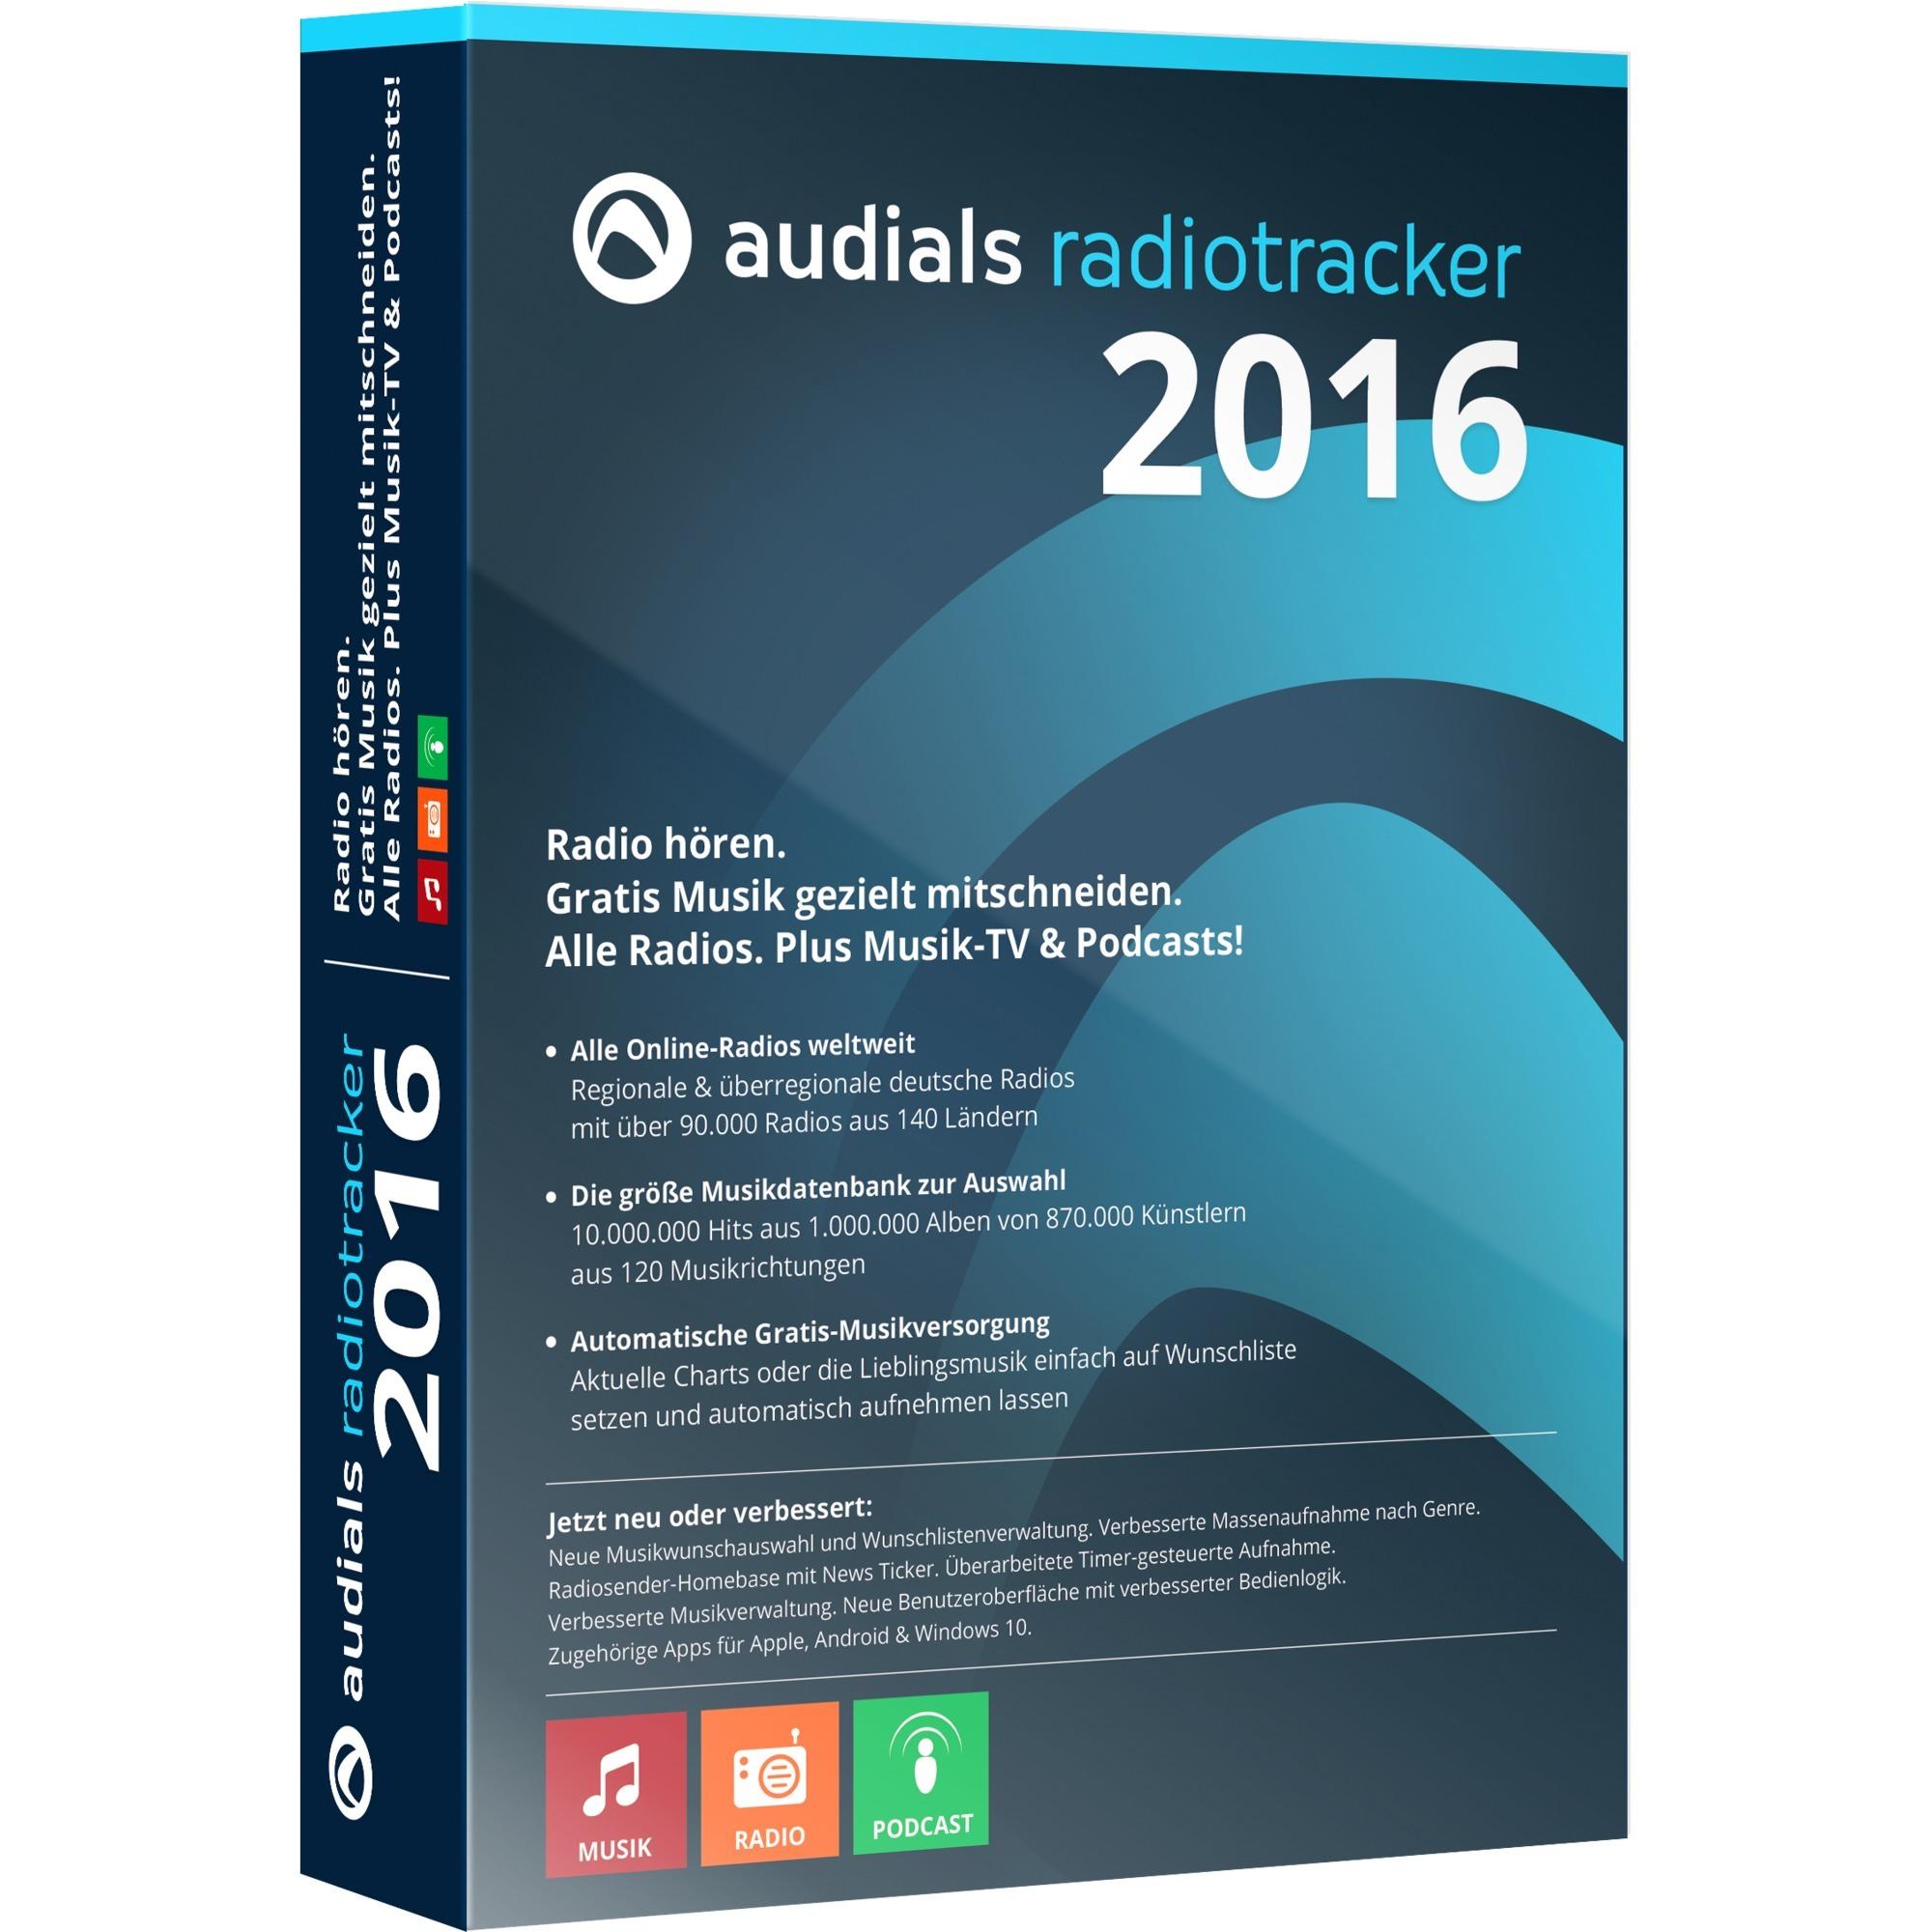 audials-radiotracker-2016-software